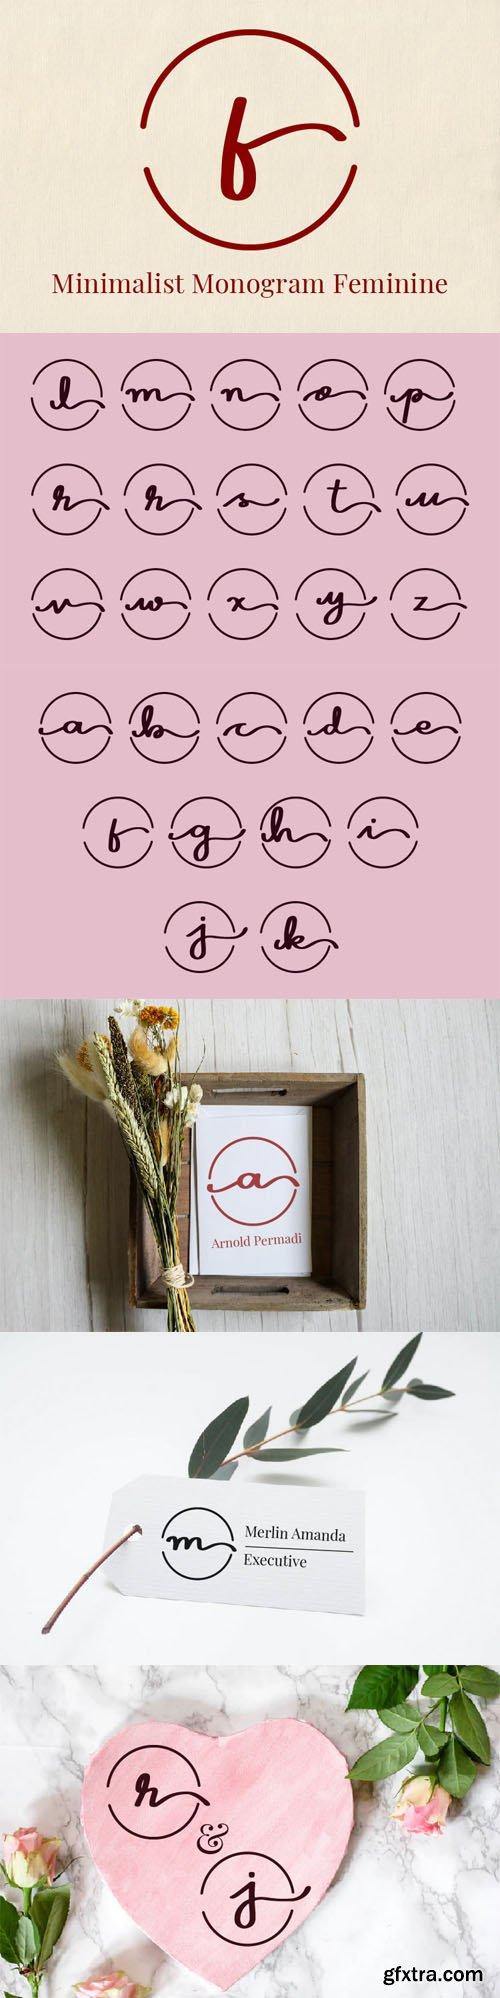 Minimalist Monogram Feminine Font